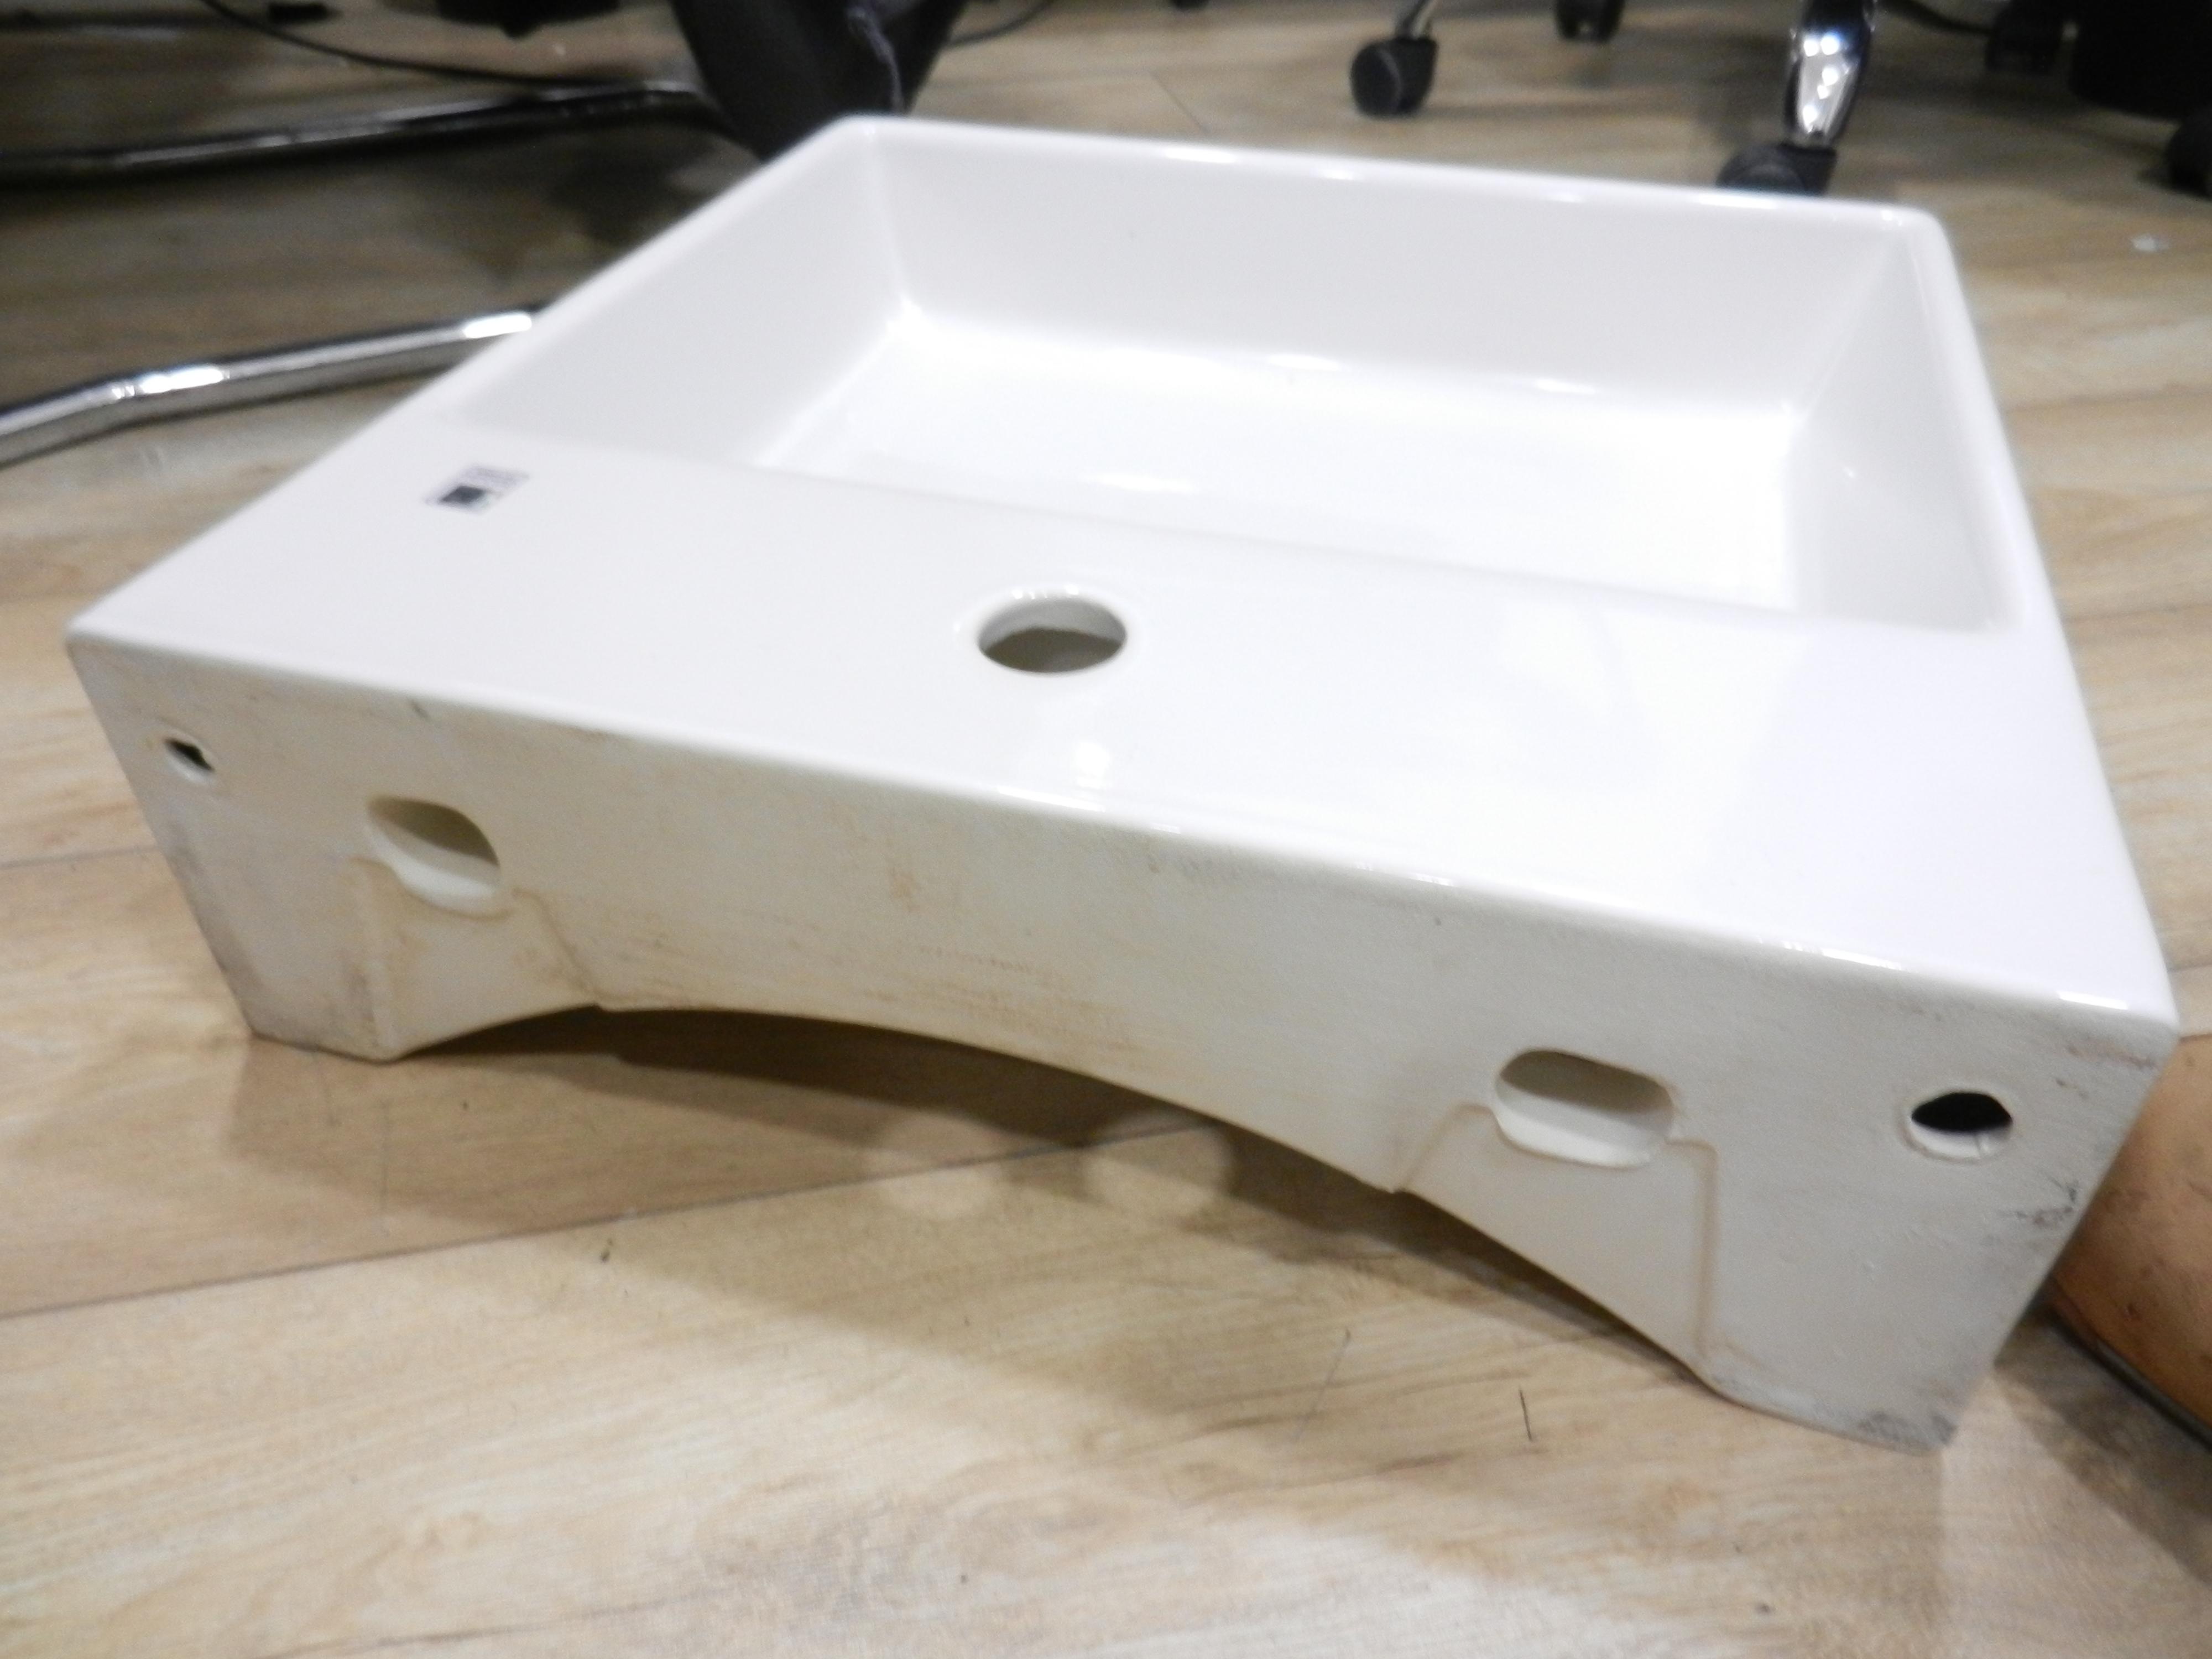 Italian Made Square Basin 46 x 46cm 1 Tap Hole